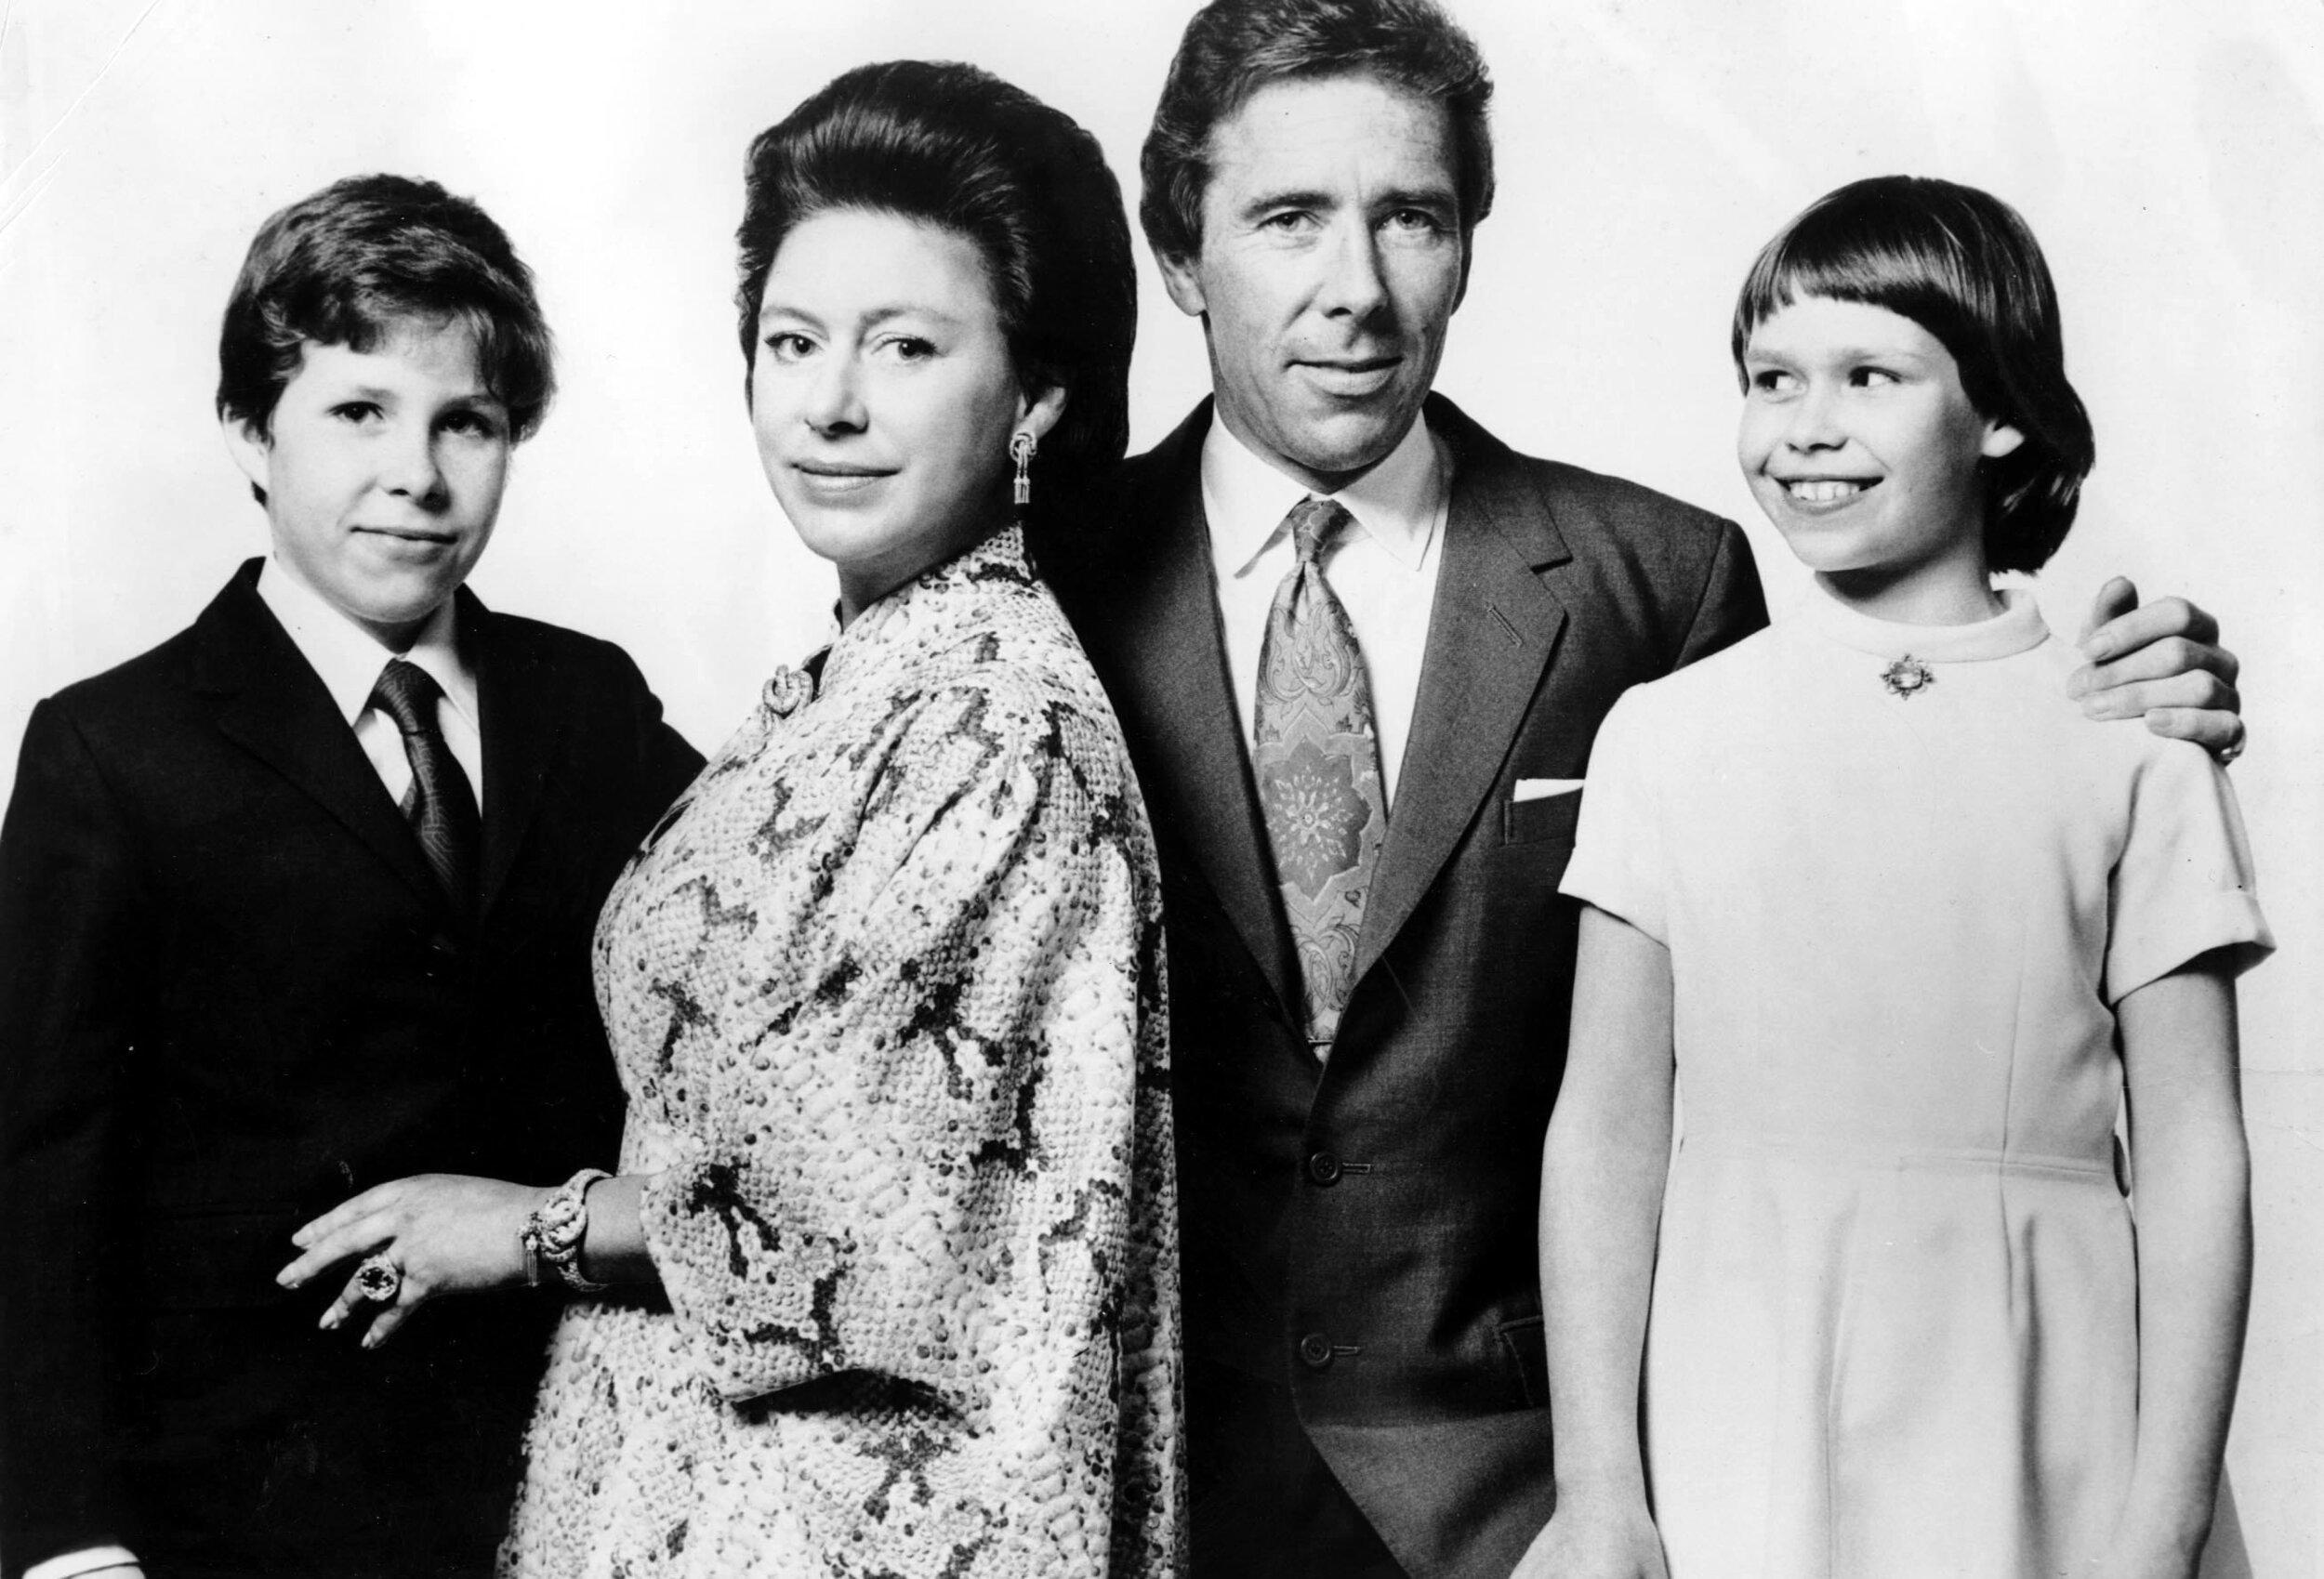 1974: Prinzessin Margaret und ihr damaliger Ehemann Lord Snowdon mit den Kindern David und Sarah. Vier Jahre später ließ sich das Paar scheiden. © picture alliance/ZUMA Press